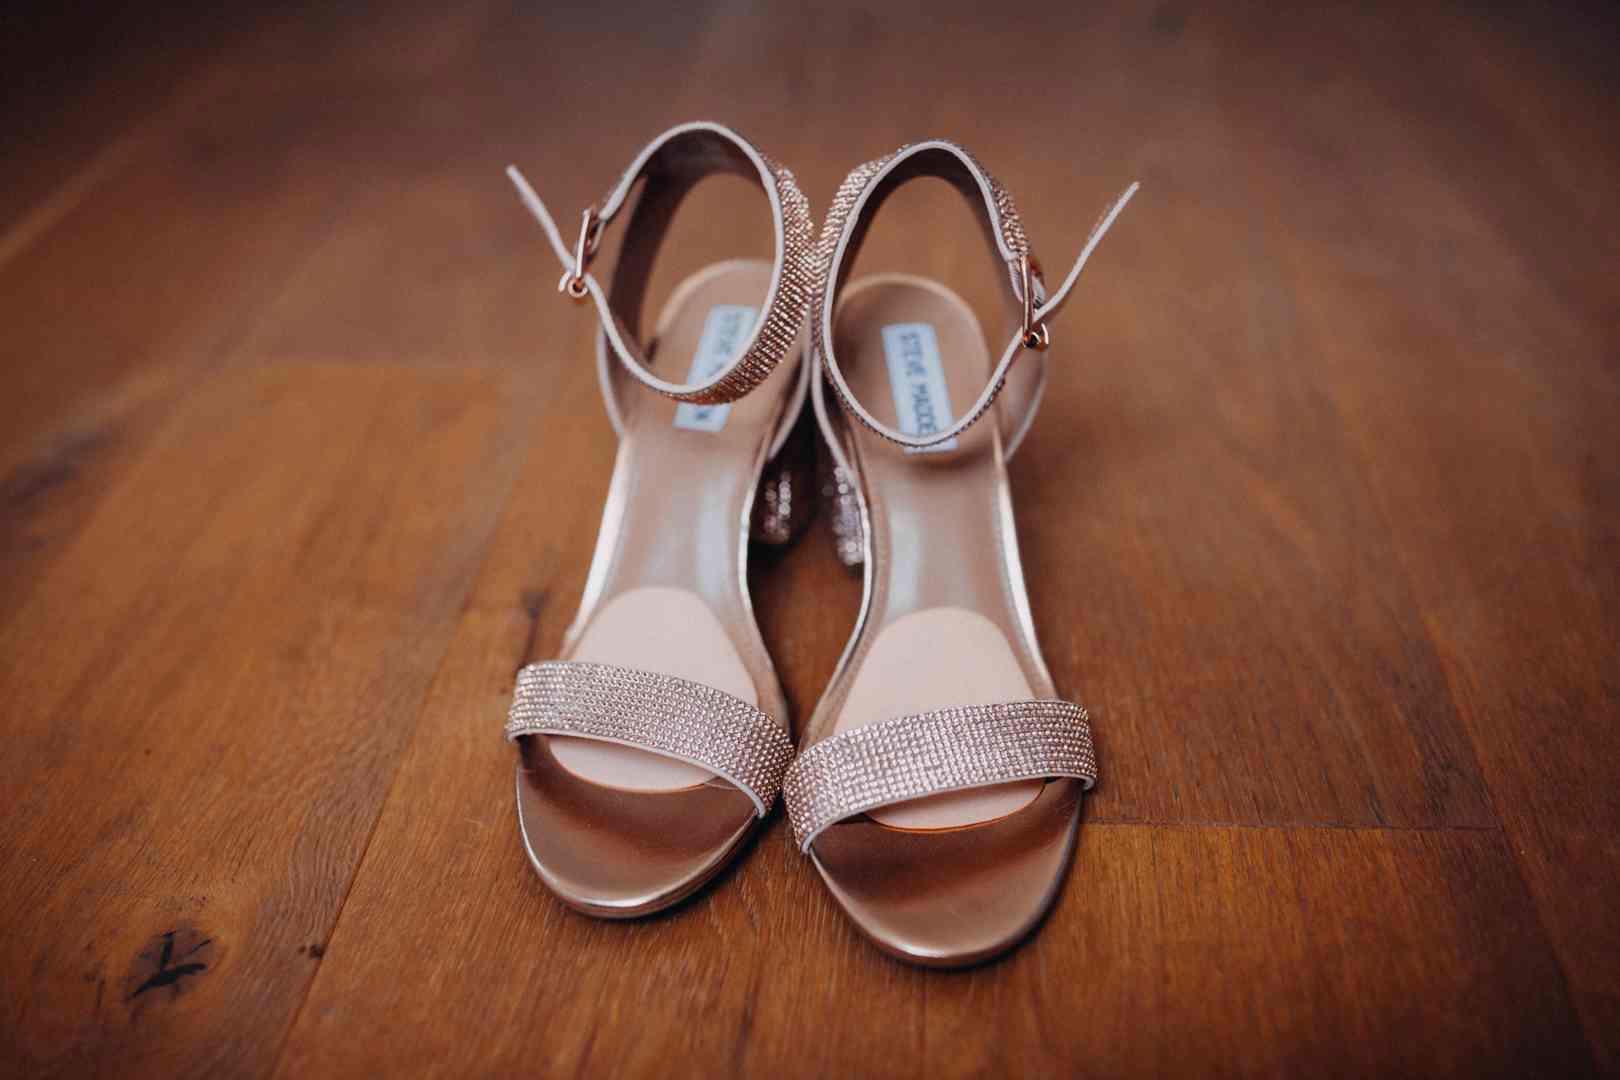 Svatební sandálky na podpatku  - foto 1